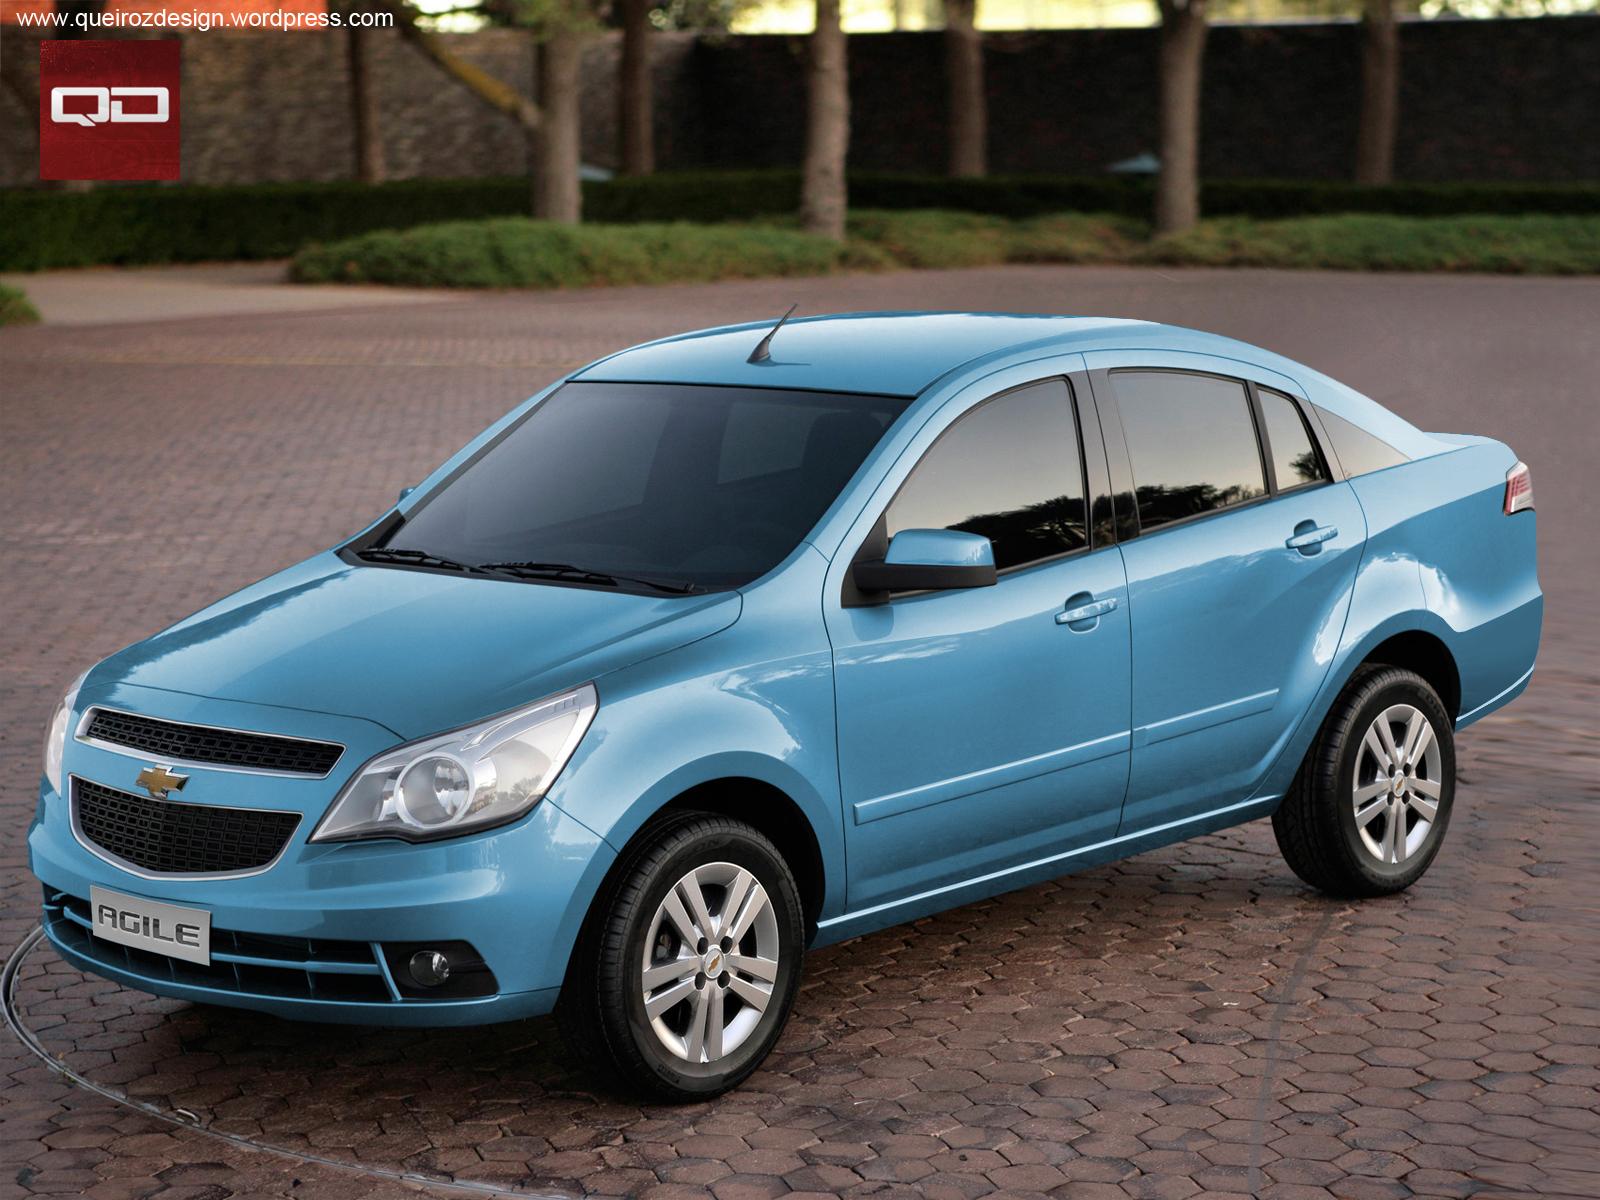 Chevrolet Agile Sedan - Clique na Imagem para Ampliar